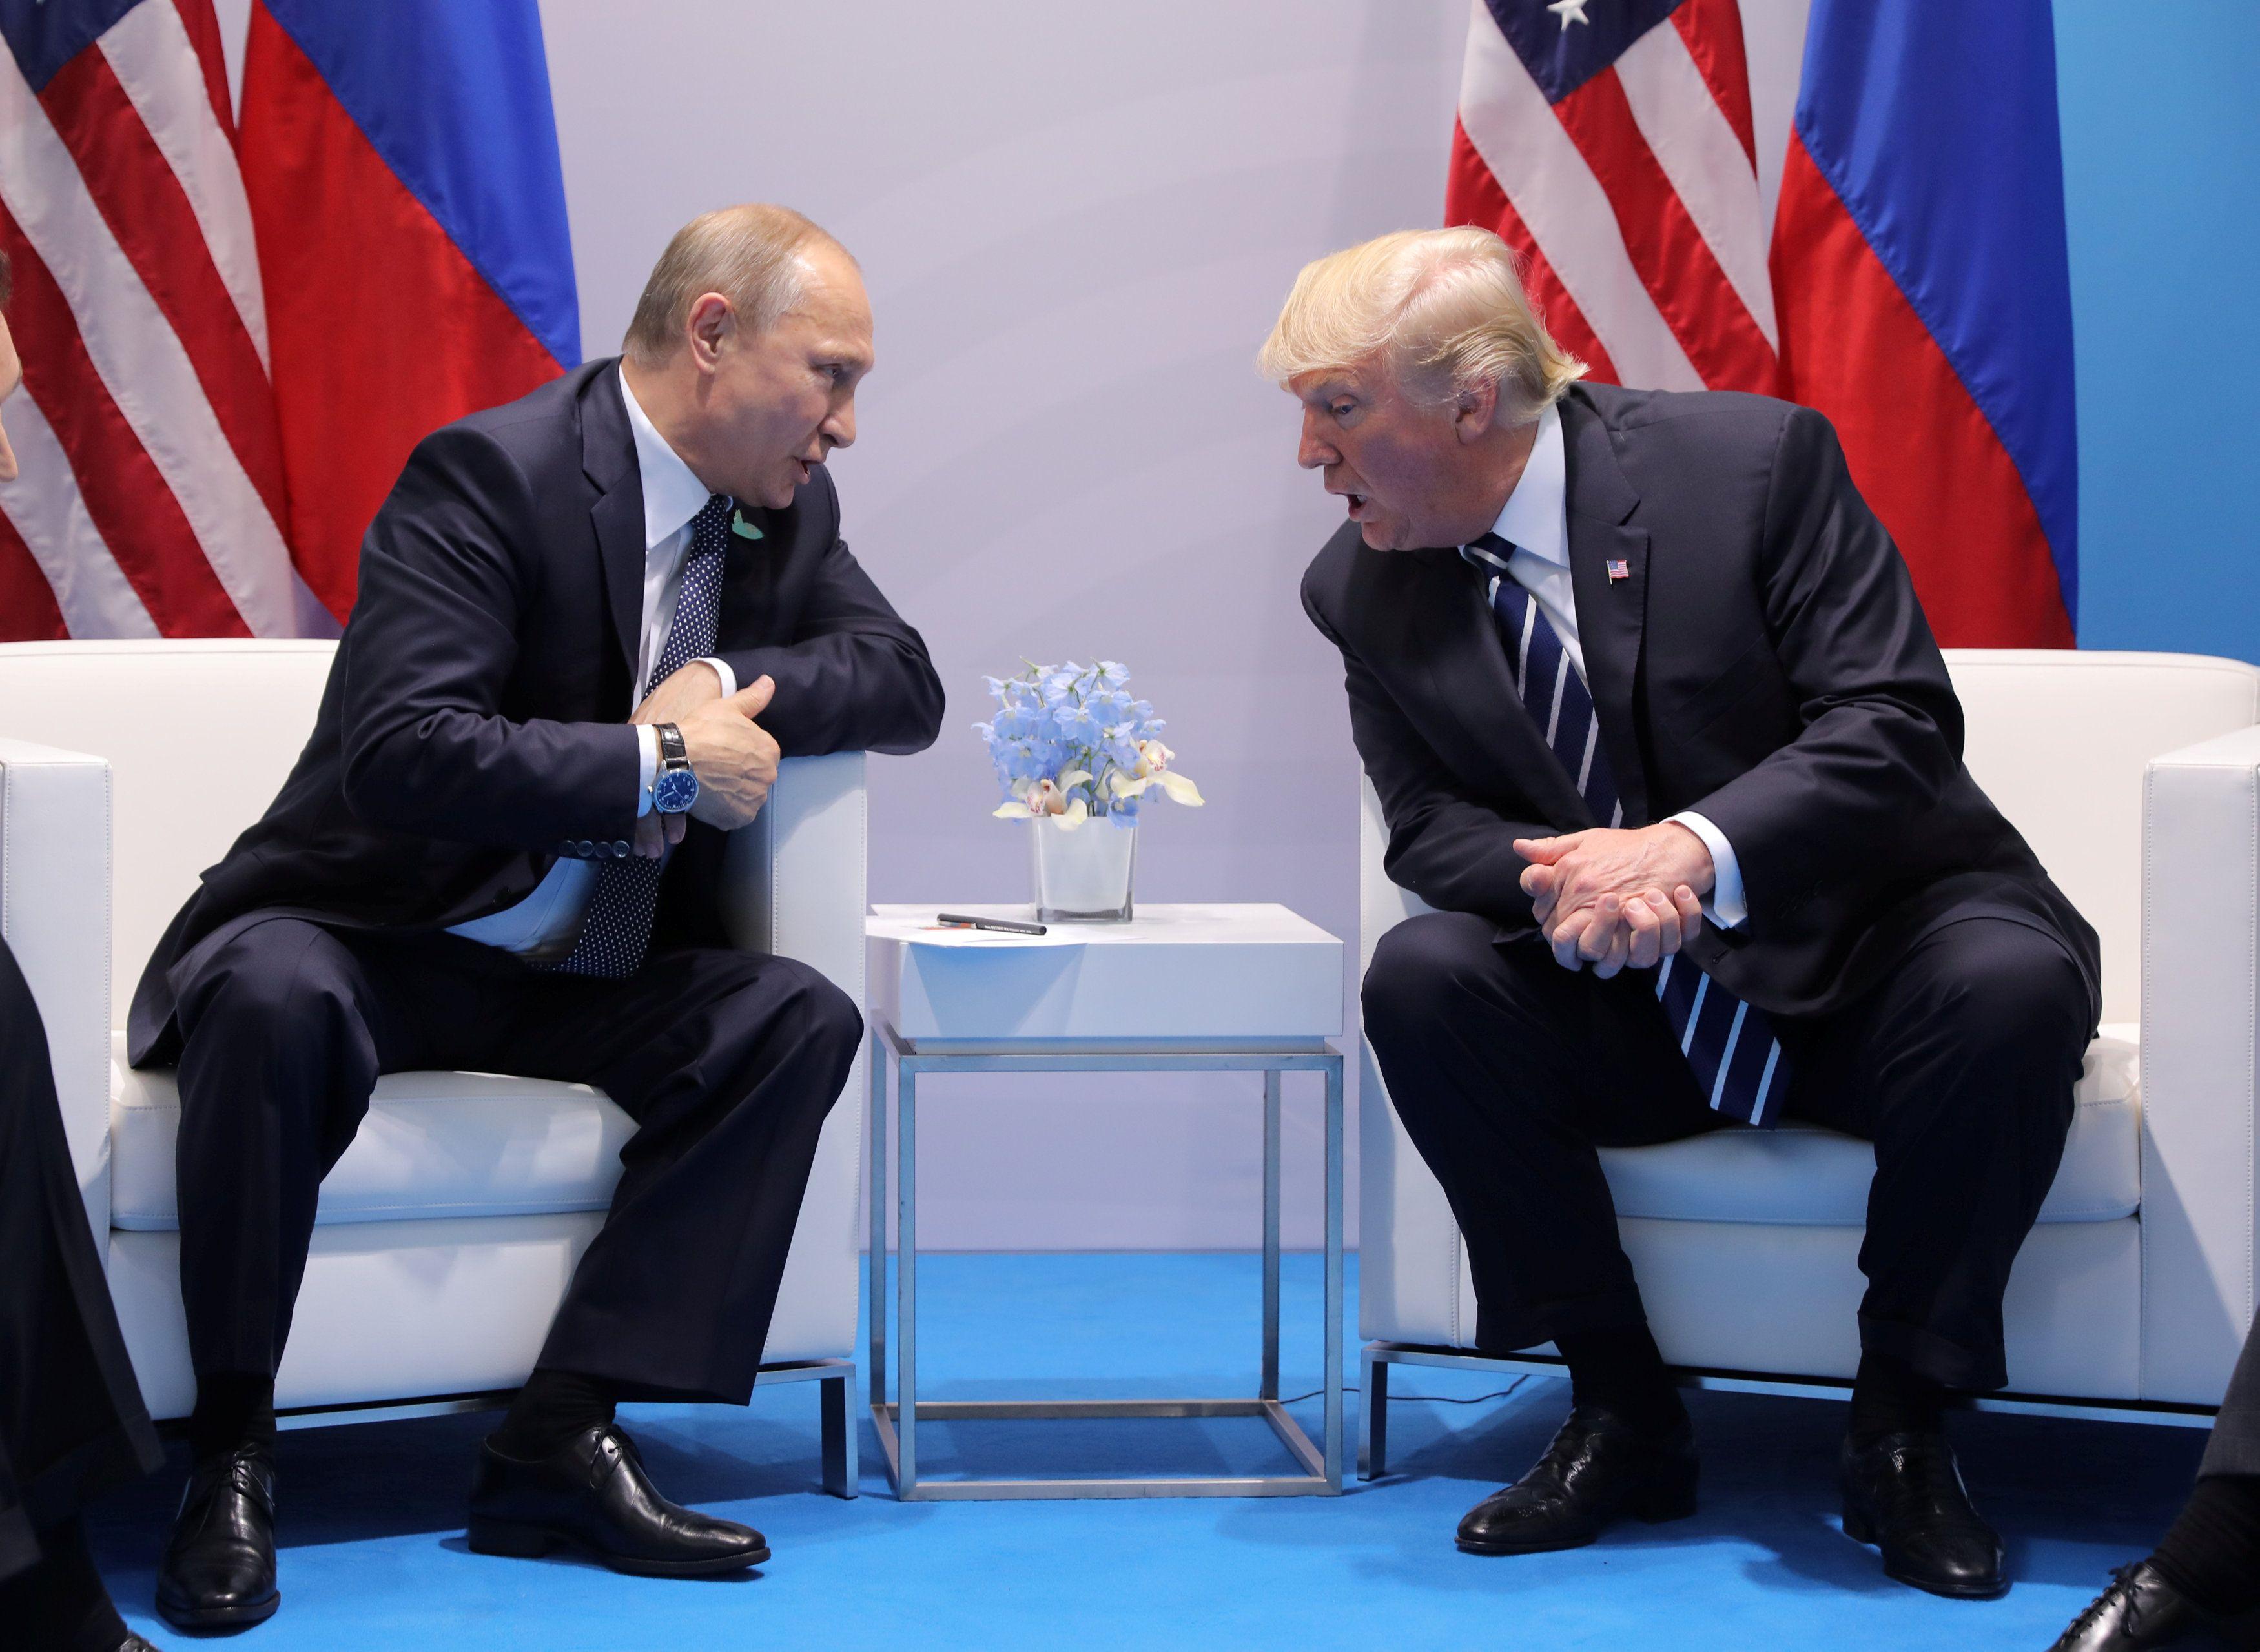 Дональд Трамп поздравил Владимира Путина с победой на выборах, поскольку этого требует протокол, сказала Хизер Нойерт